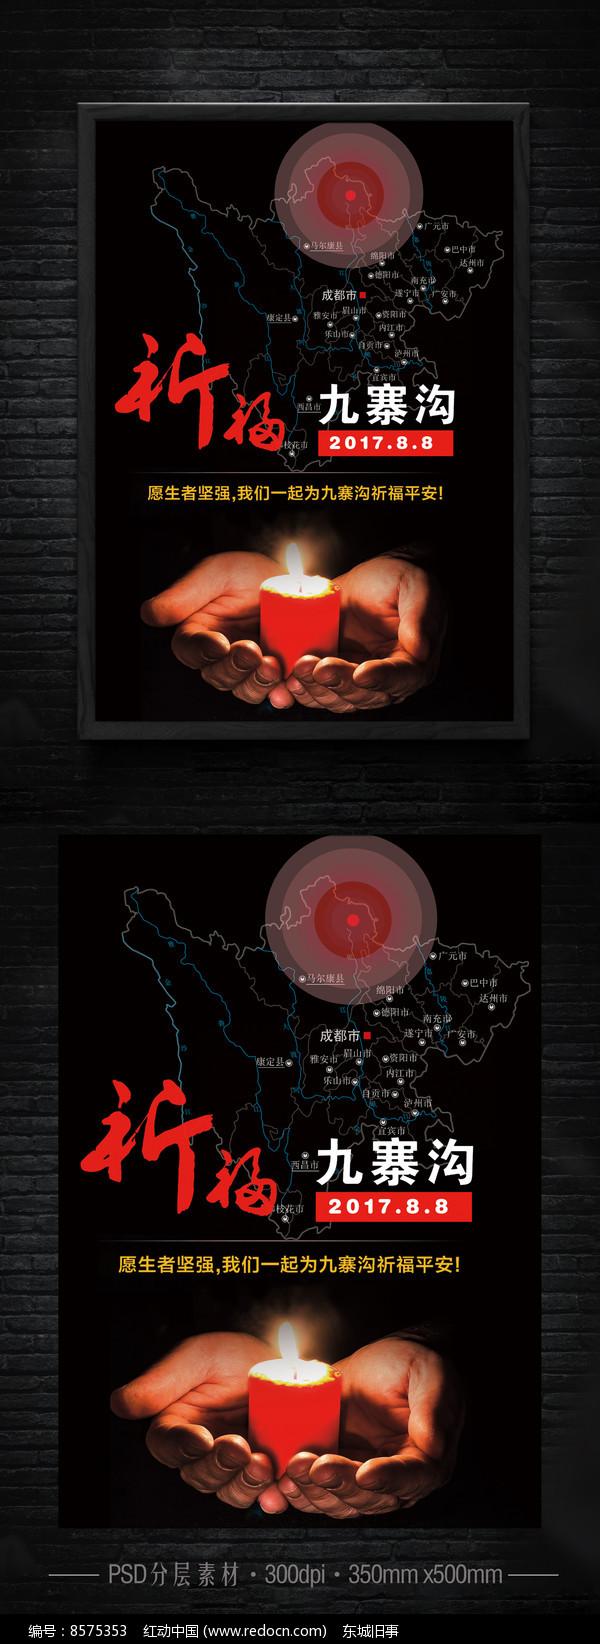 地震公益海报设计图片